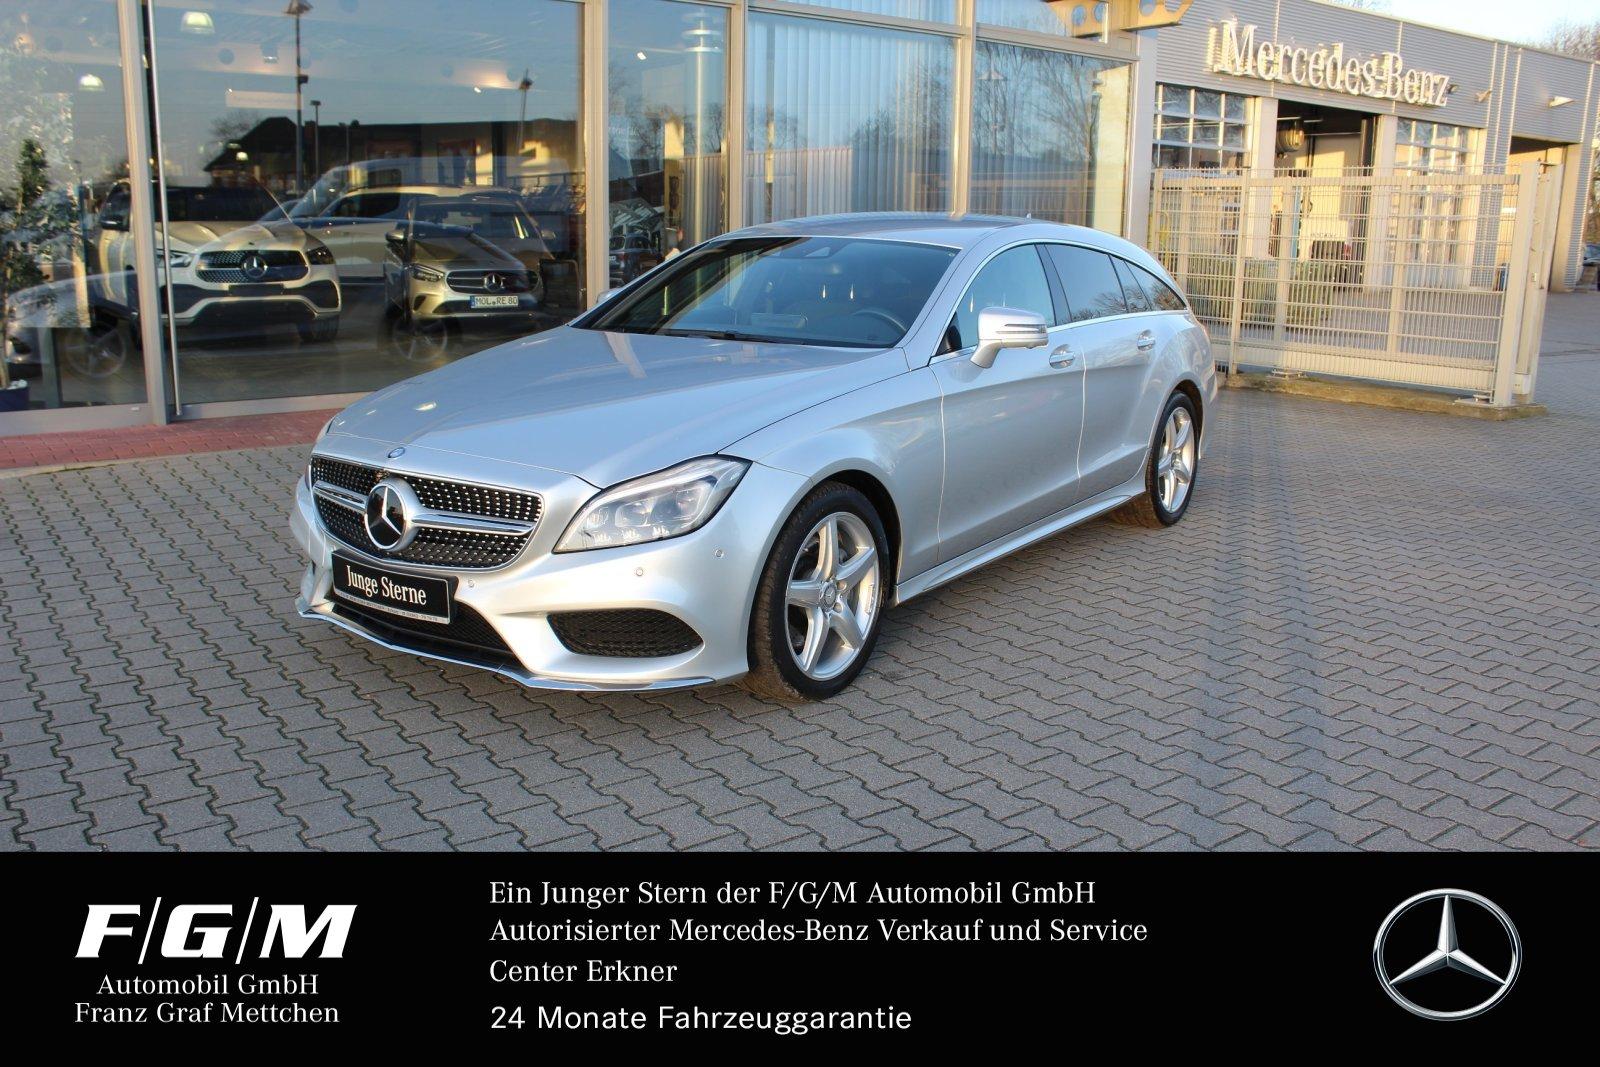 Mercedes-Benz CLS 400 4M SB AMG/COM/ILS/Distr/KeyGo/Standheizu, Jahr 2015, Benzin